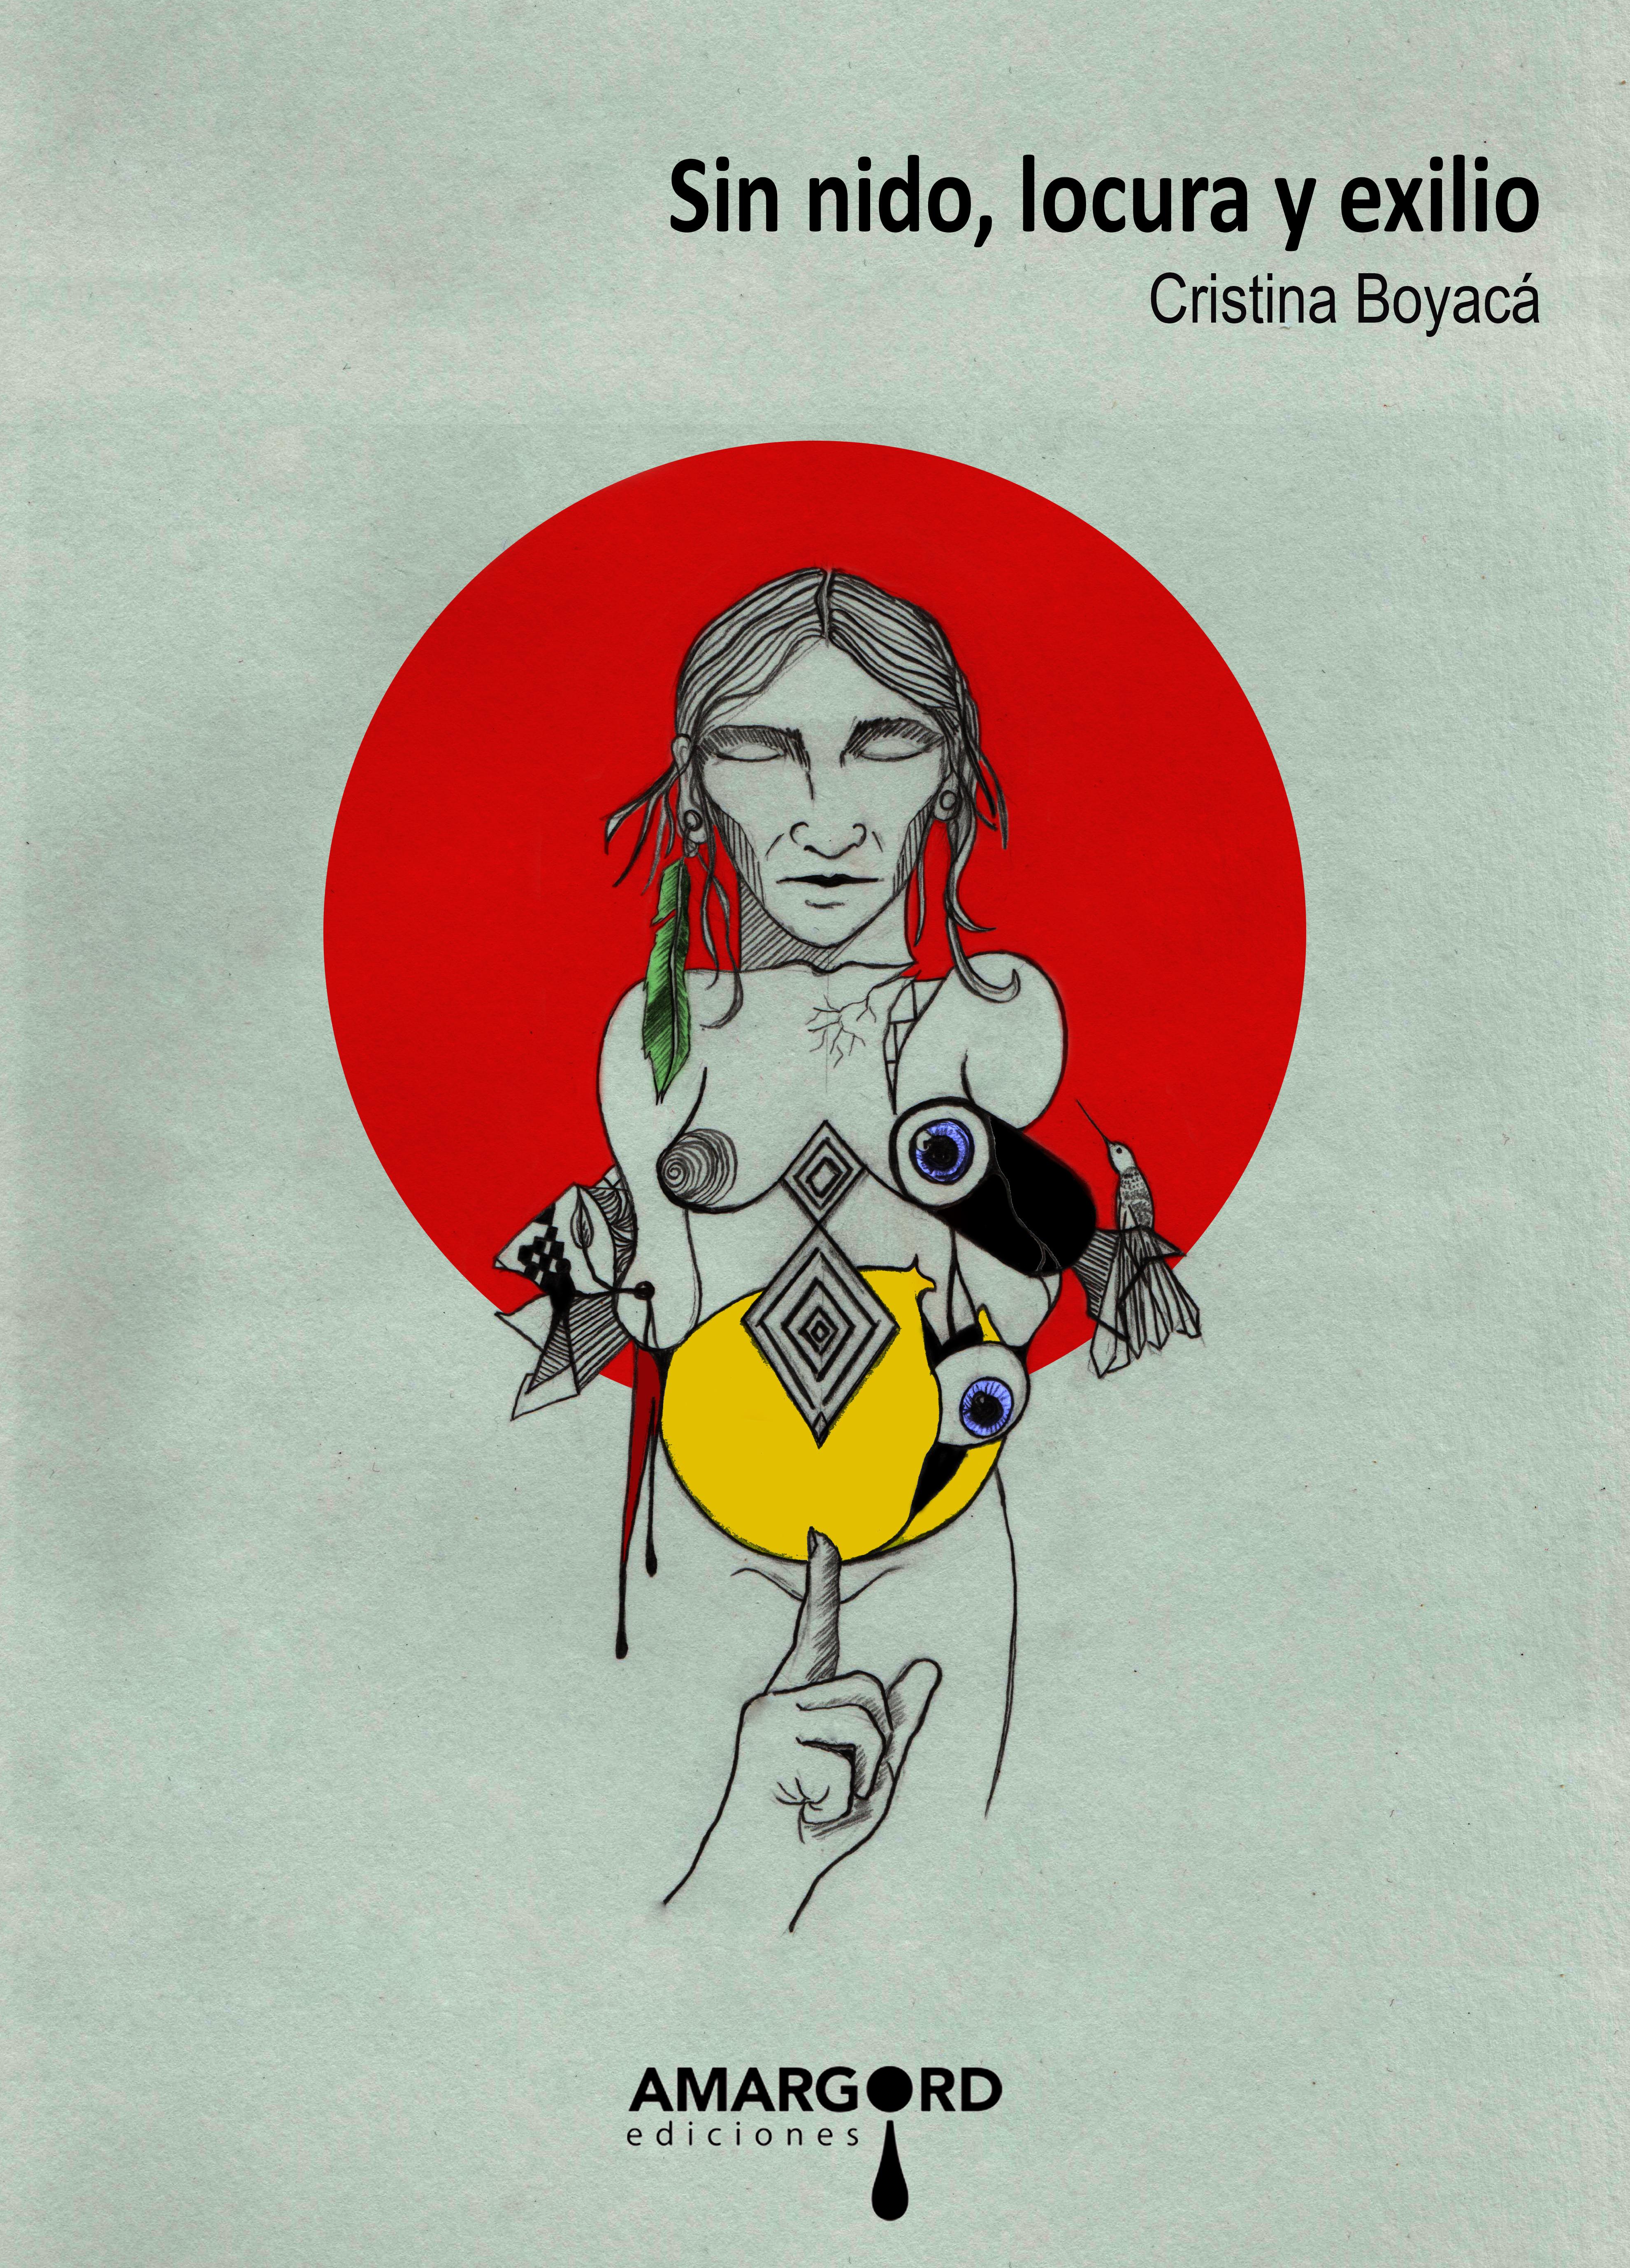 Sin nido, locura y exilio Cristina Boyacá